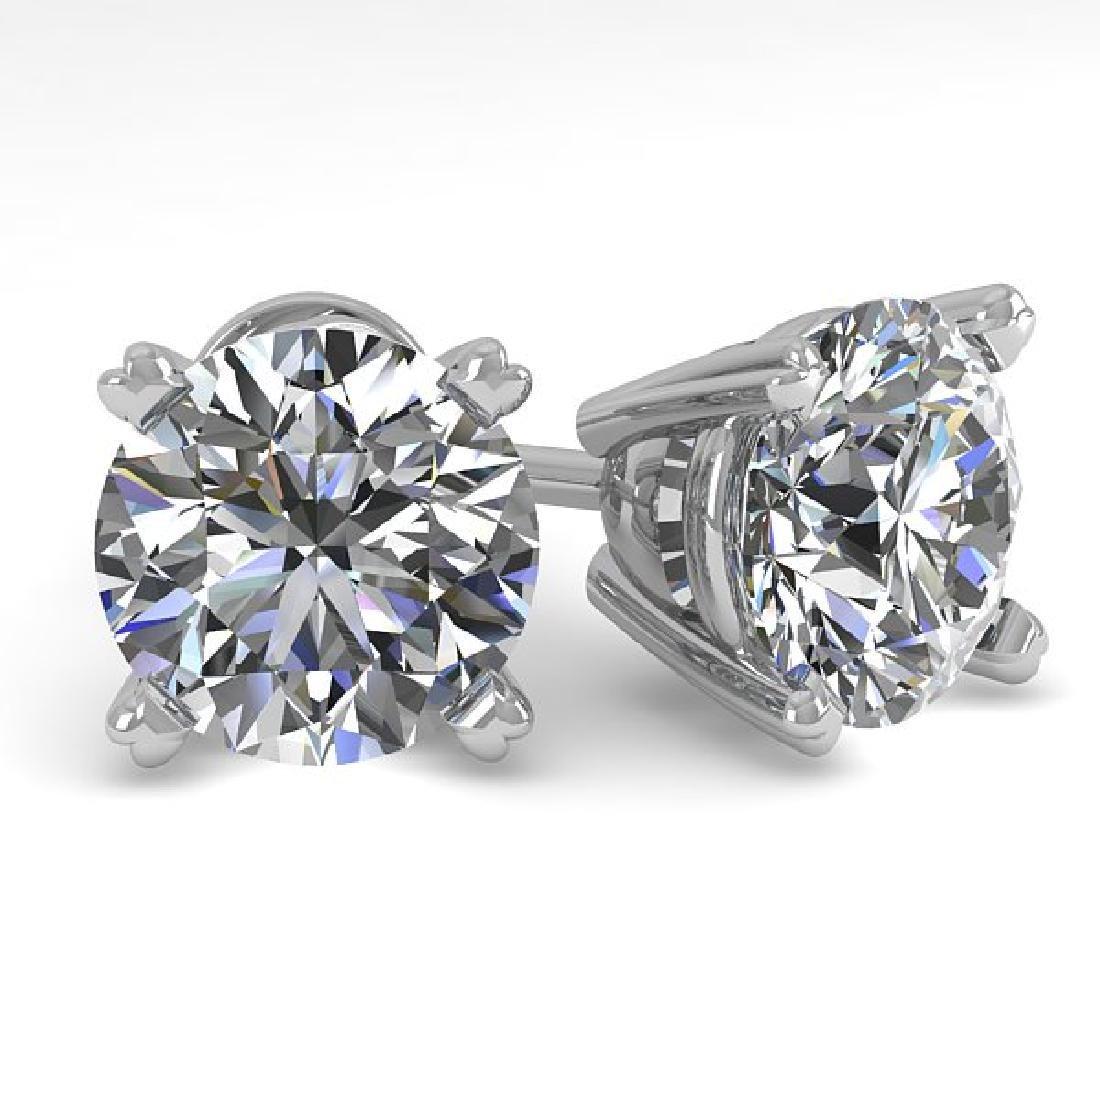 2.50 CTW Certified VS/SI Diamond Stud Earrings 18K